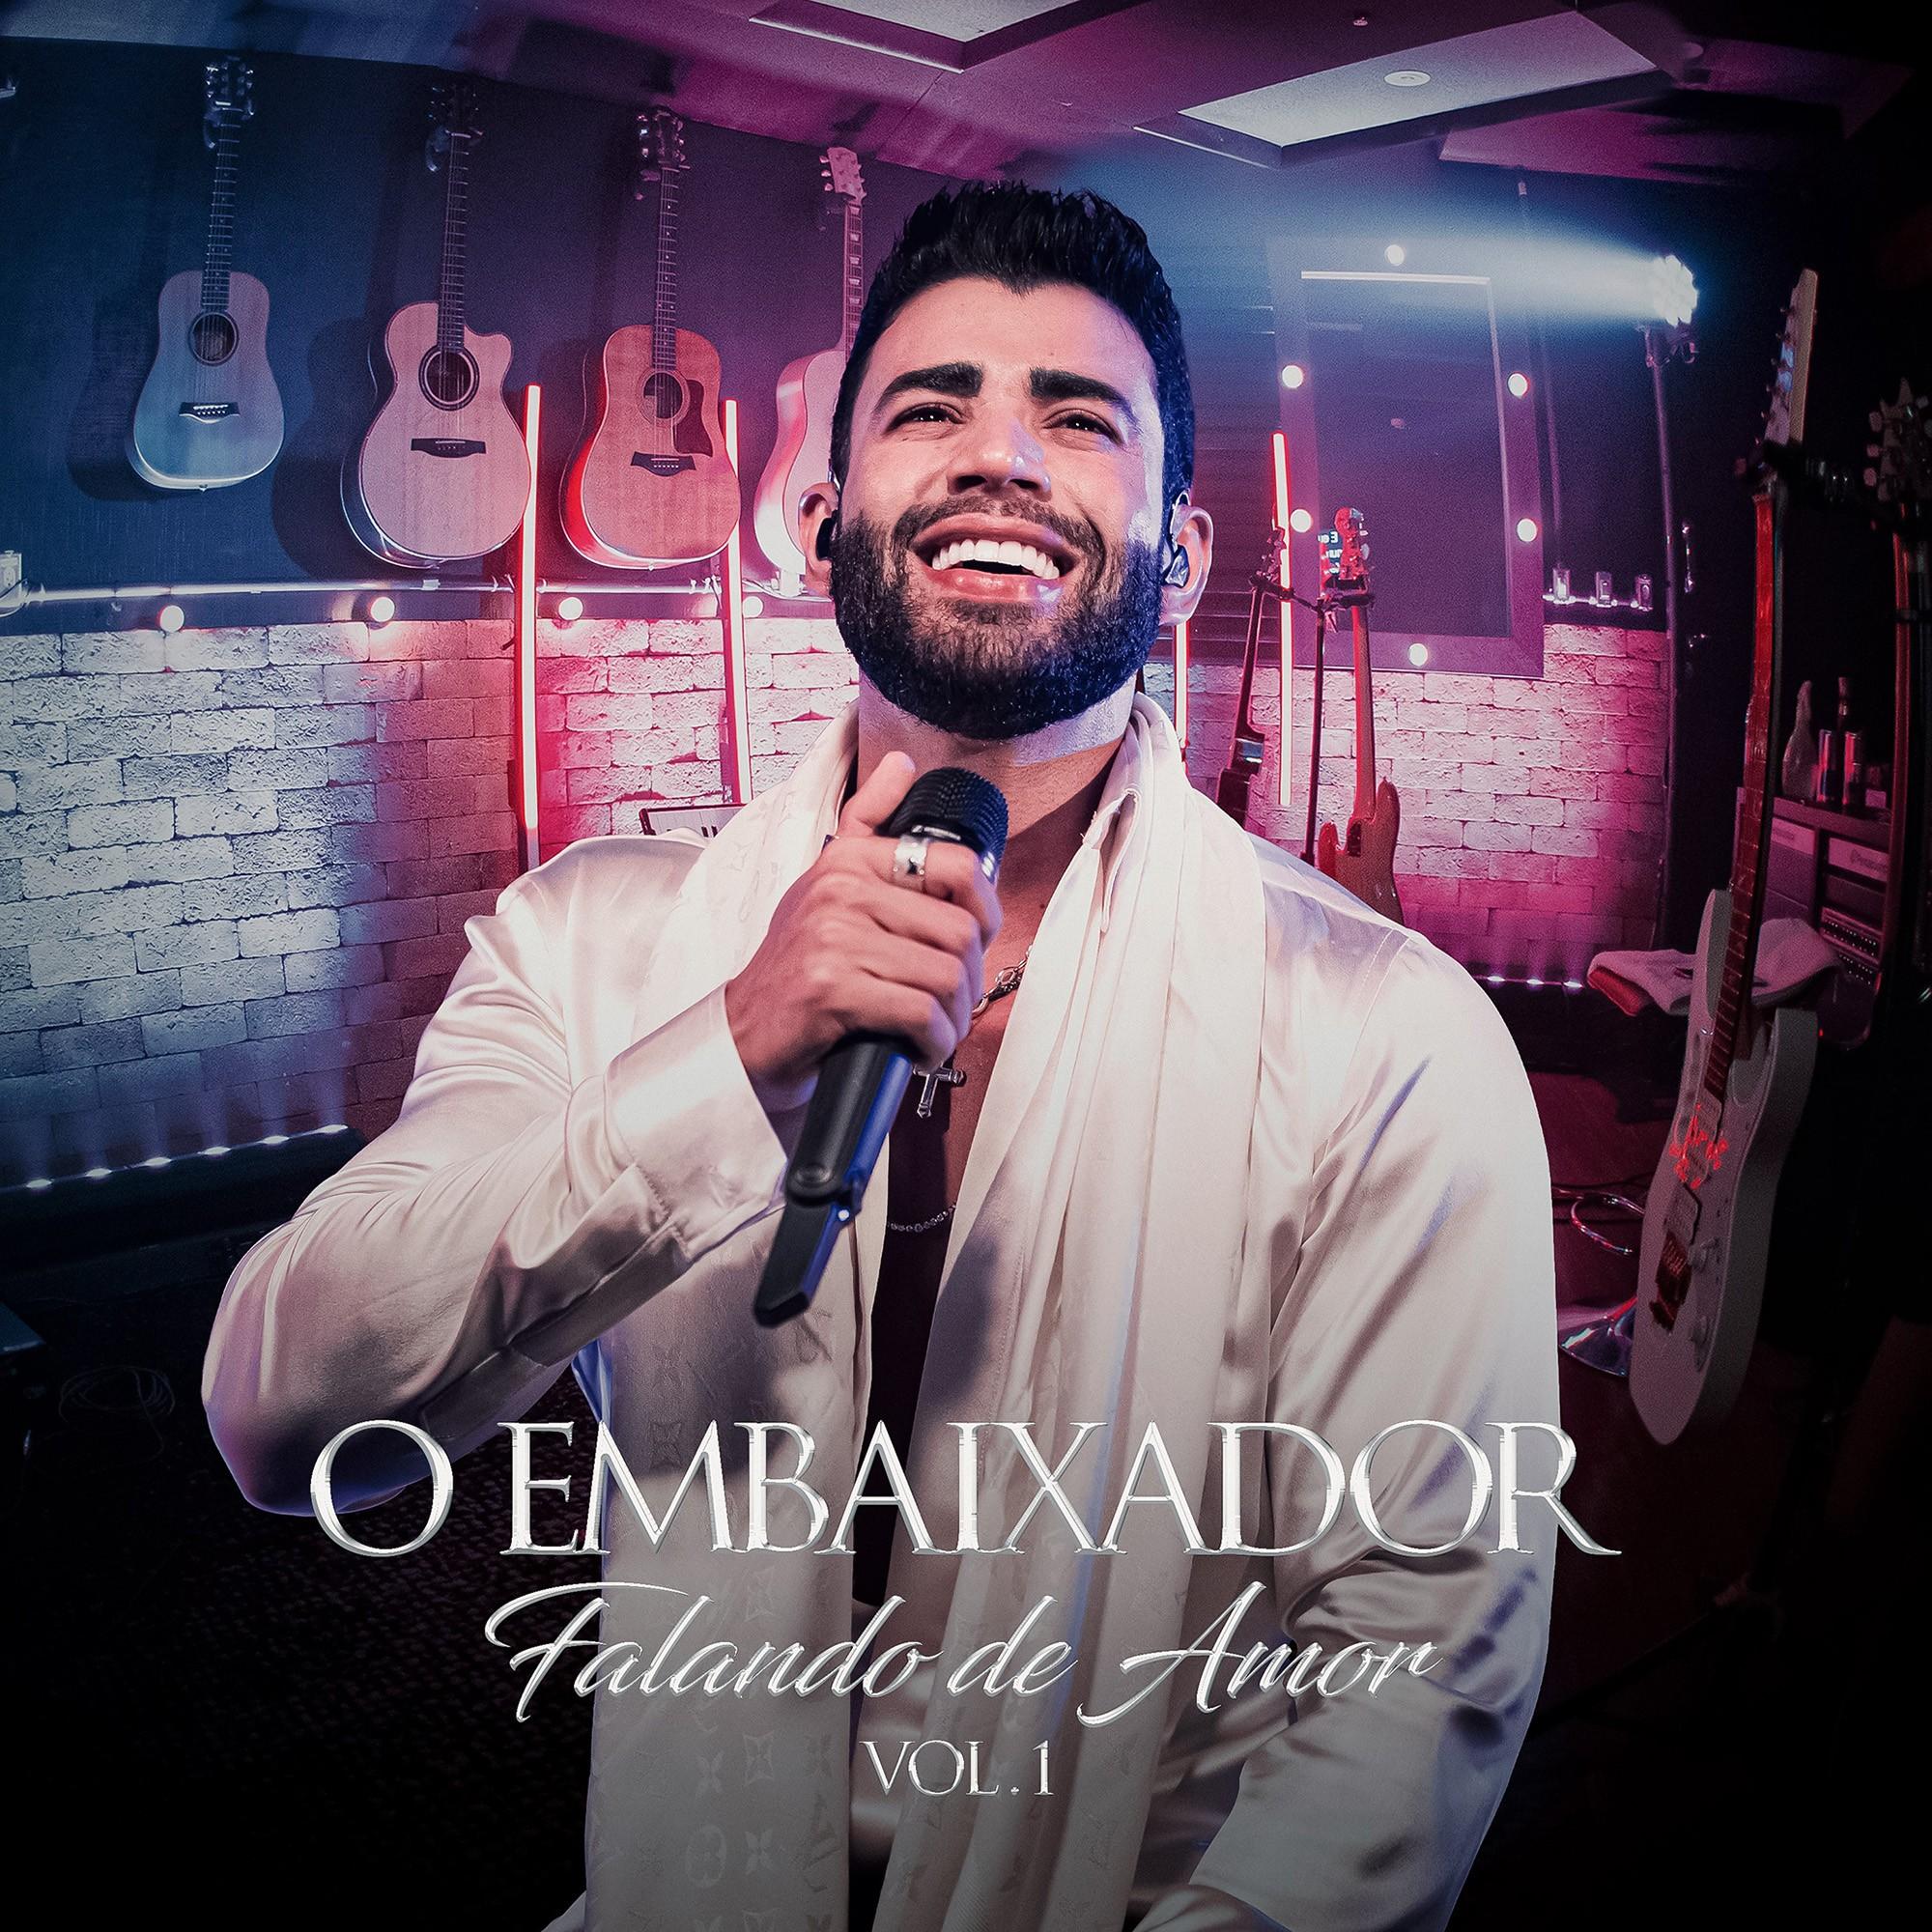 Gusttavo Lima apresenta álbum em que fala de amor através de hits de Bruno & Marrone e Zezé Di Camargo & Luciano